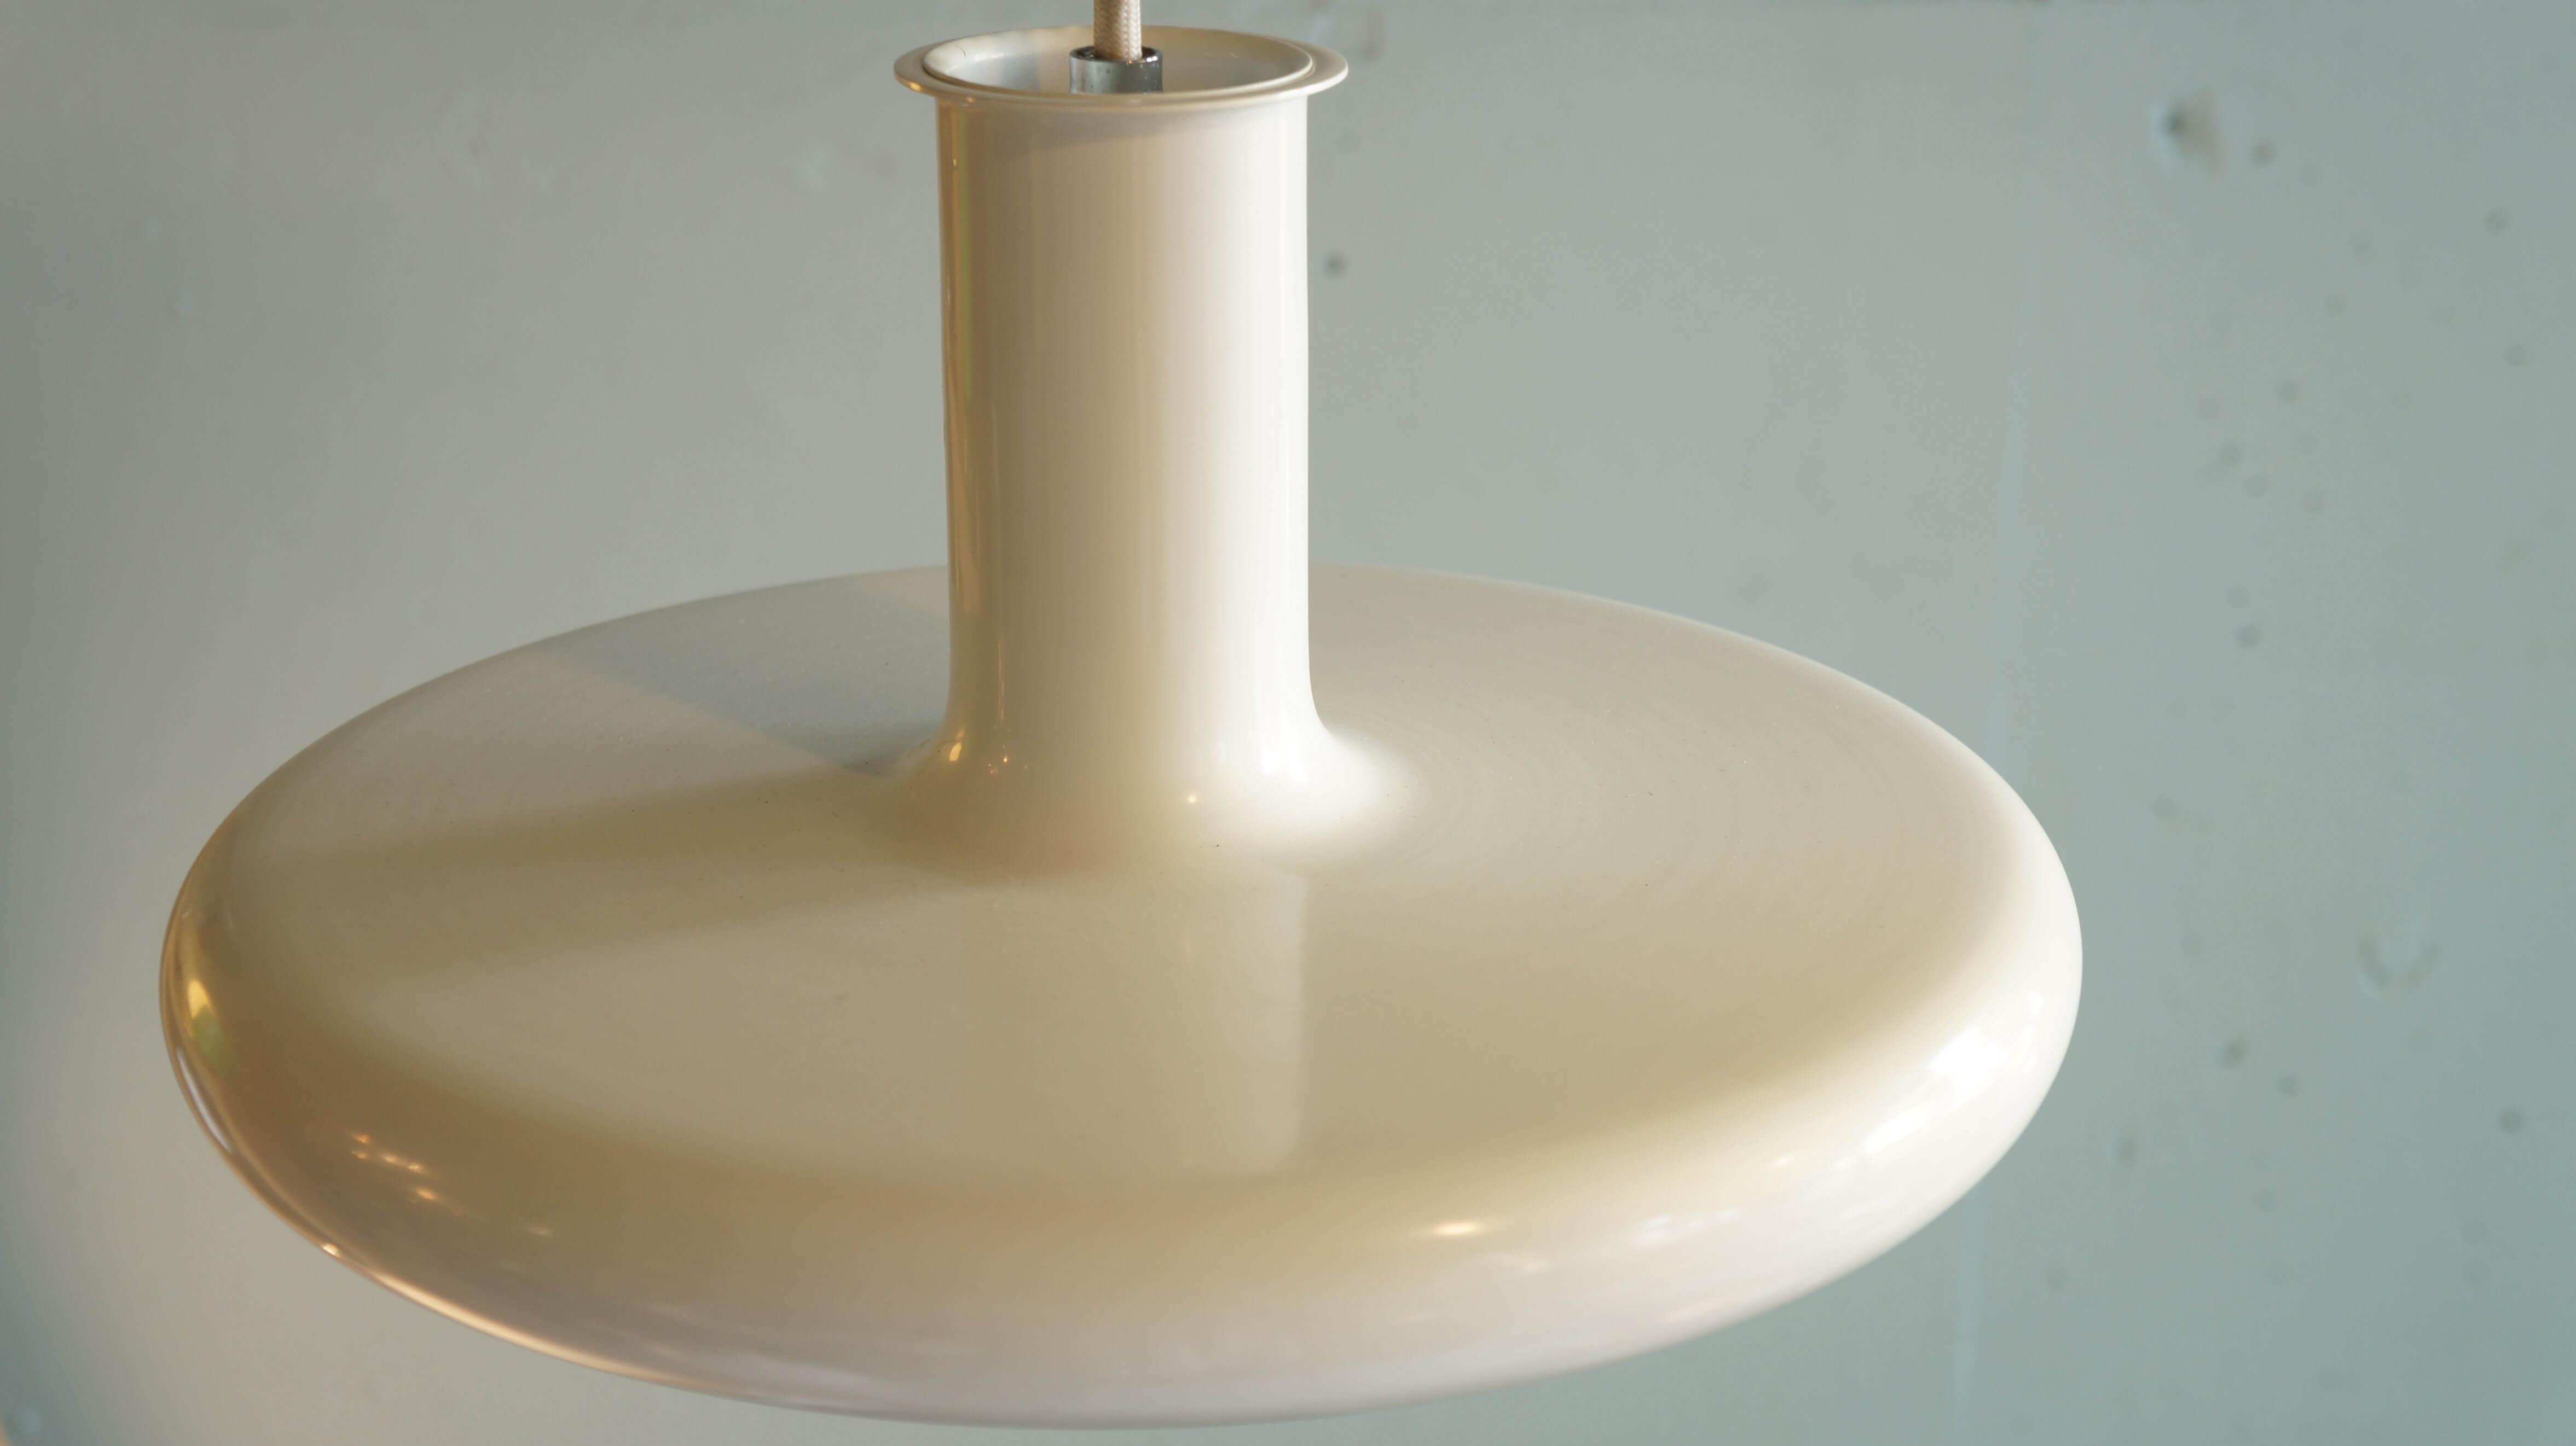 """Fog&Morup Pendant Light """"Optima"""" designed by Hans Due/フォグ&モーフ ペンダントライト """"オプティマ"""" ハンス・デュー デザイン"""